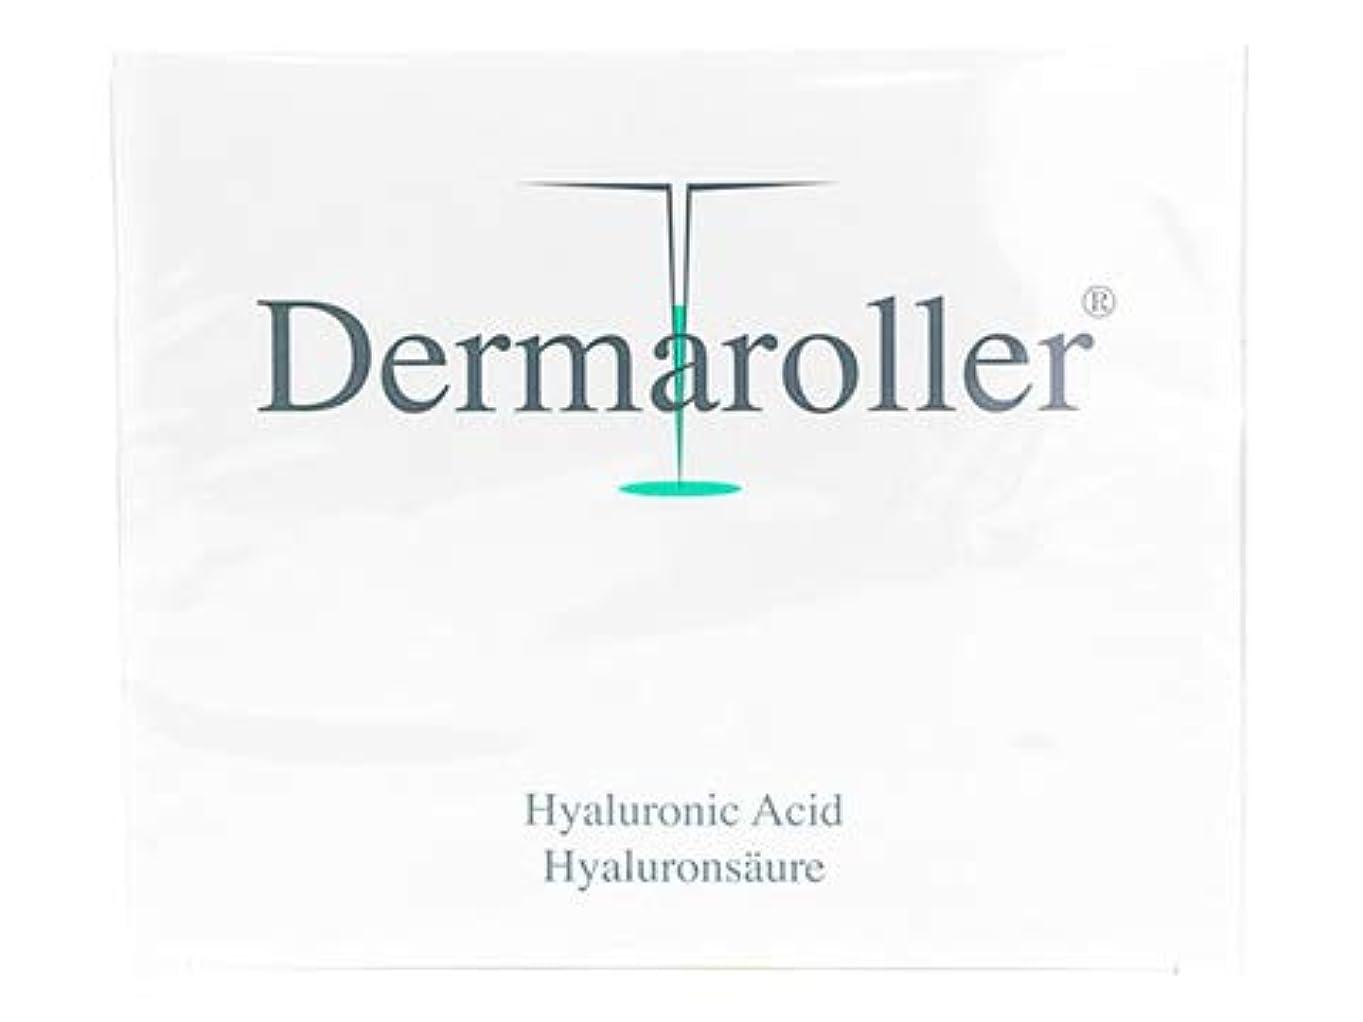 ミトン気づくなる折り目ダーマローラー ヒアルロン酸 美容液 1.5ml30本 1箱 Dermaroller HyaluronicAcid Made in Germany